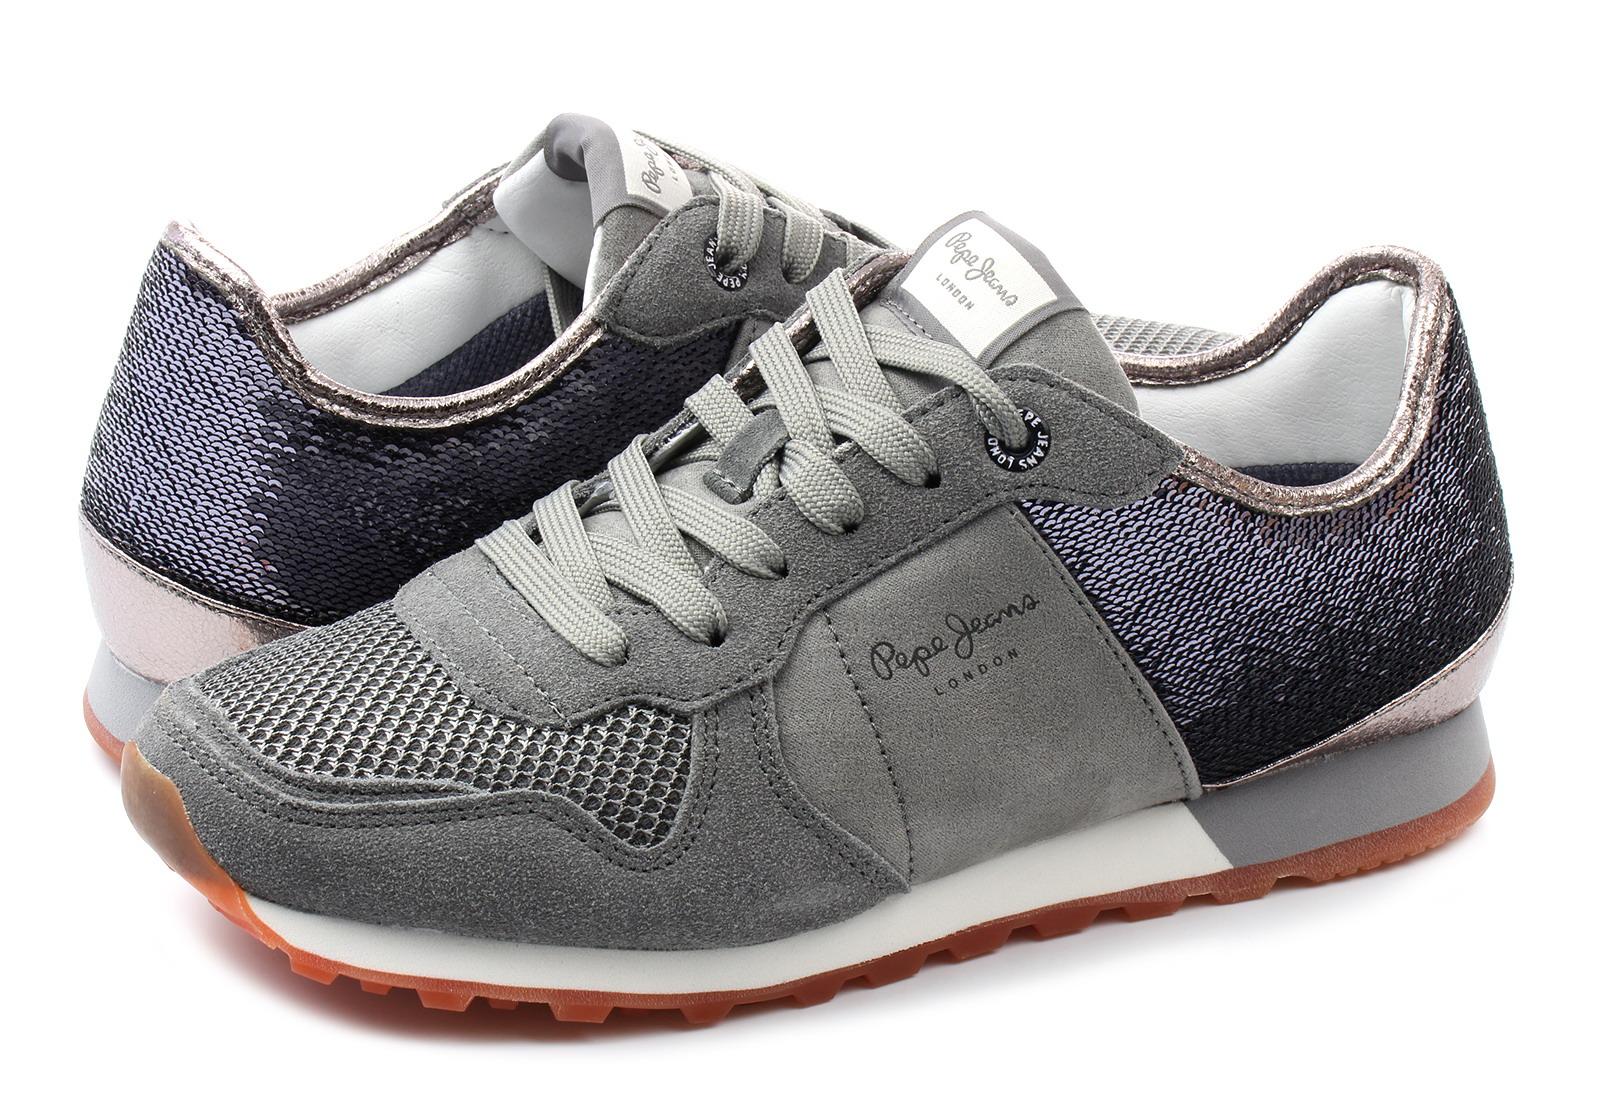 d92a57d657 Pepe Jeans Nízké boty Verona W